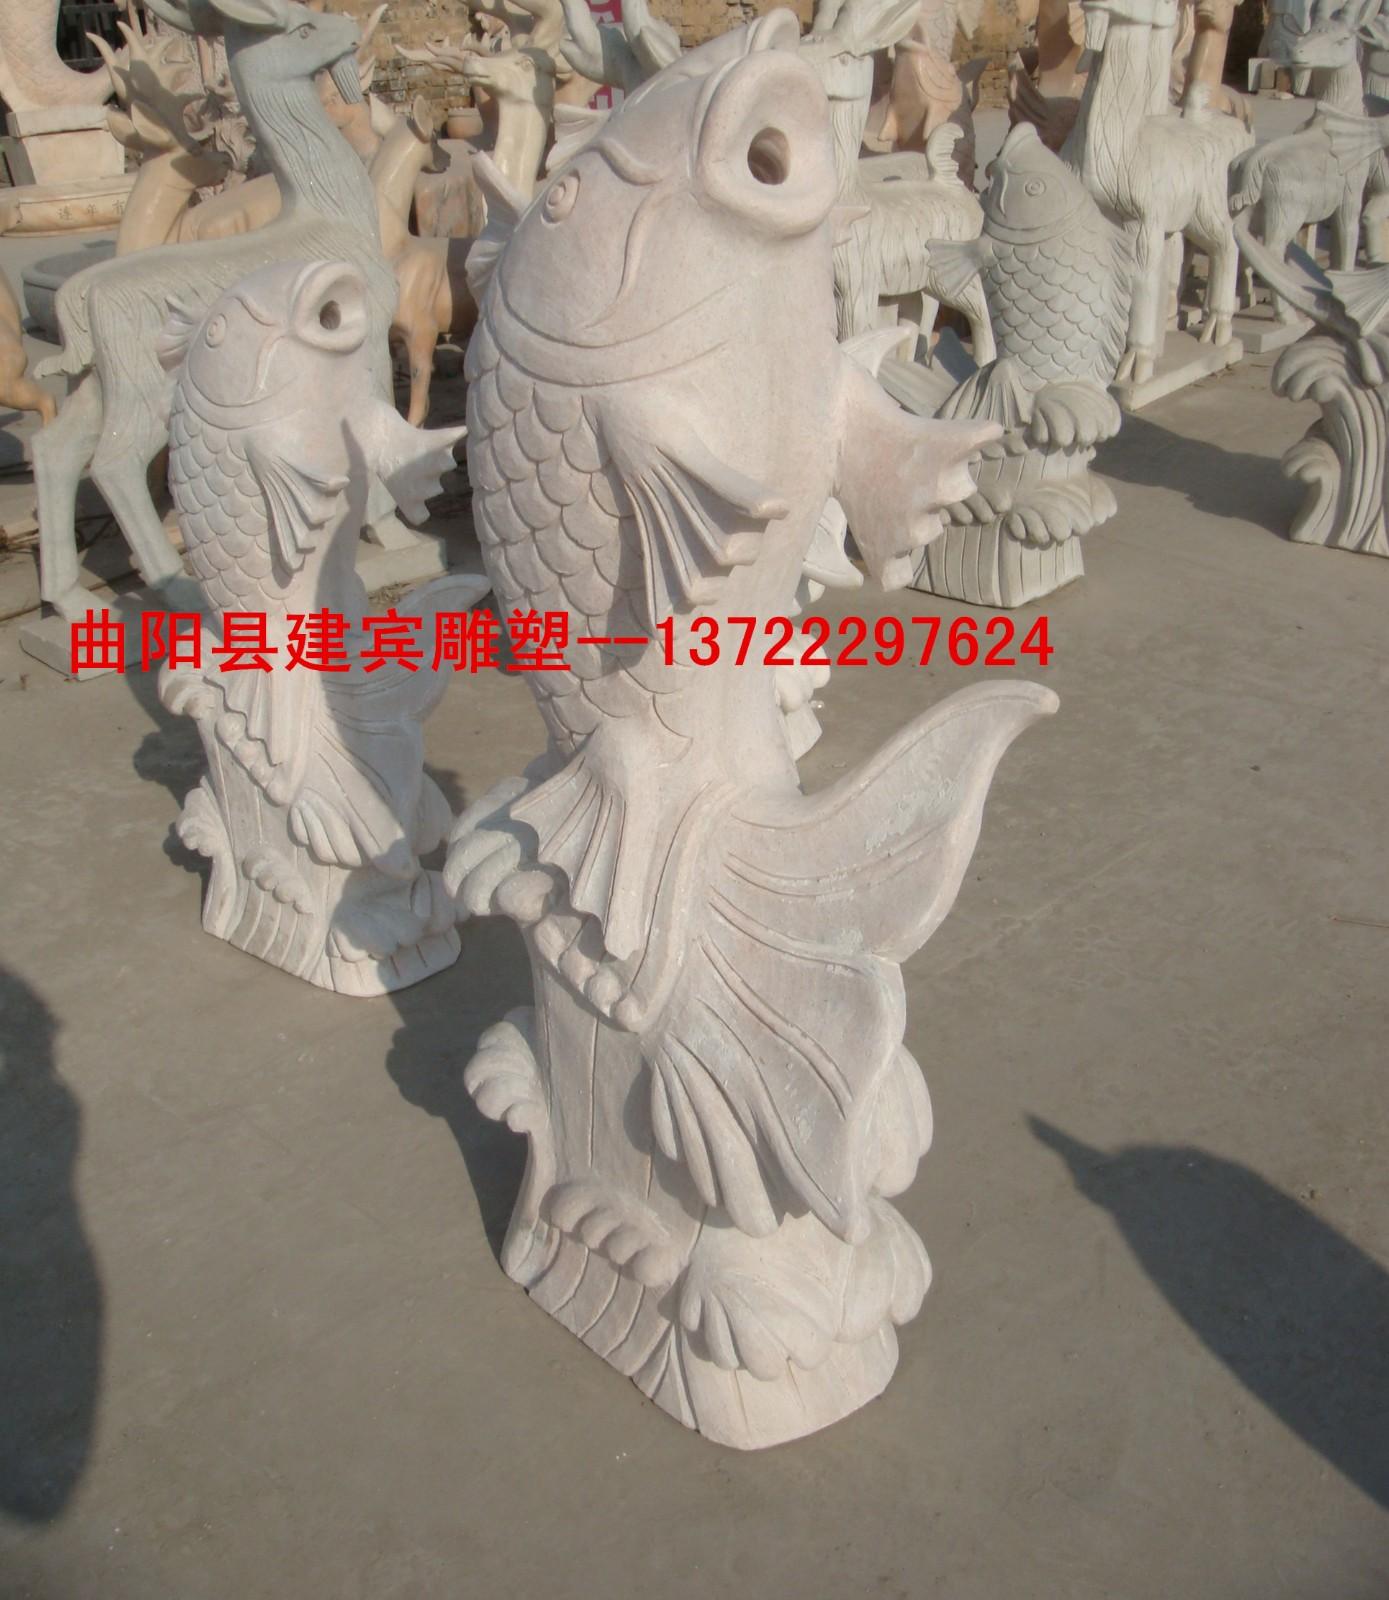 供应曲阳石雕喷泉 大理石喷水鱼 室外喷泉 家居别墅喷泉雕塑